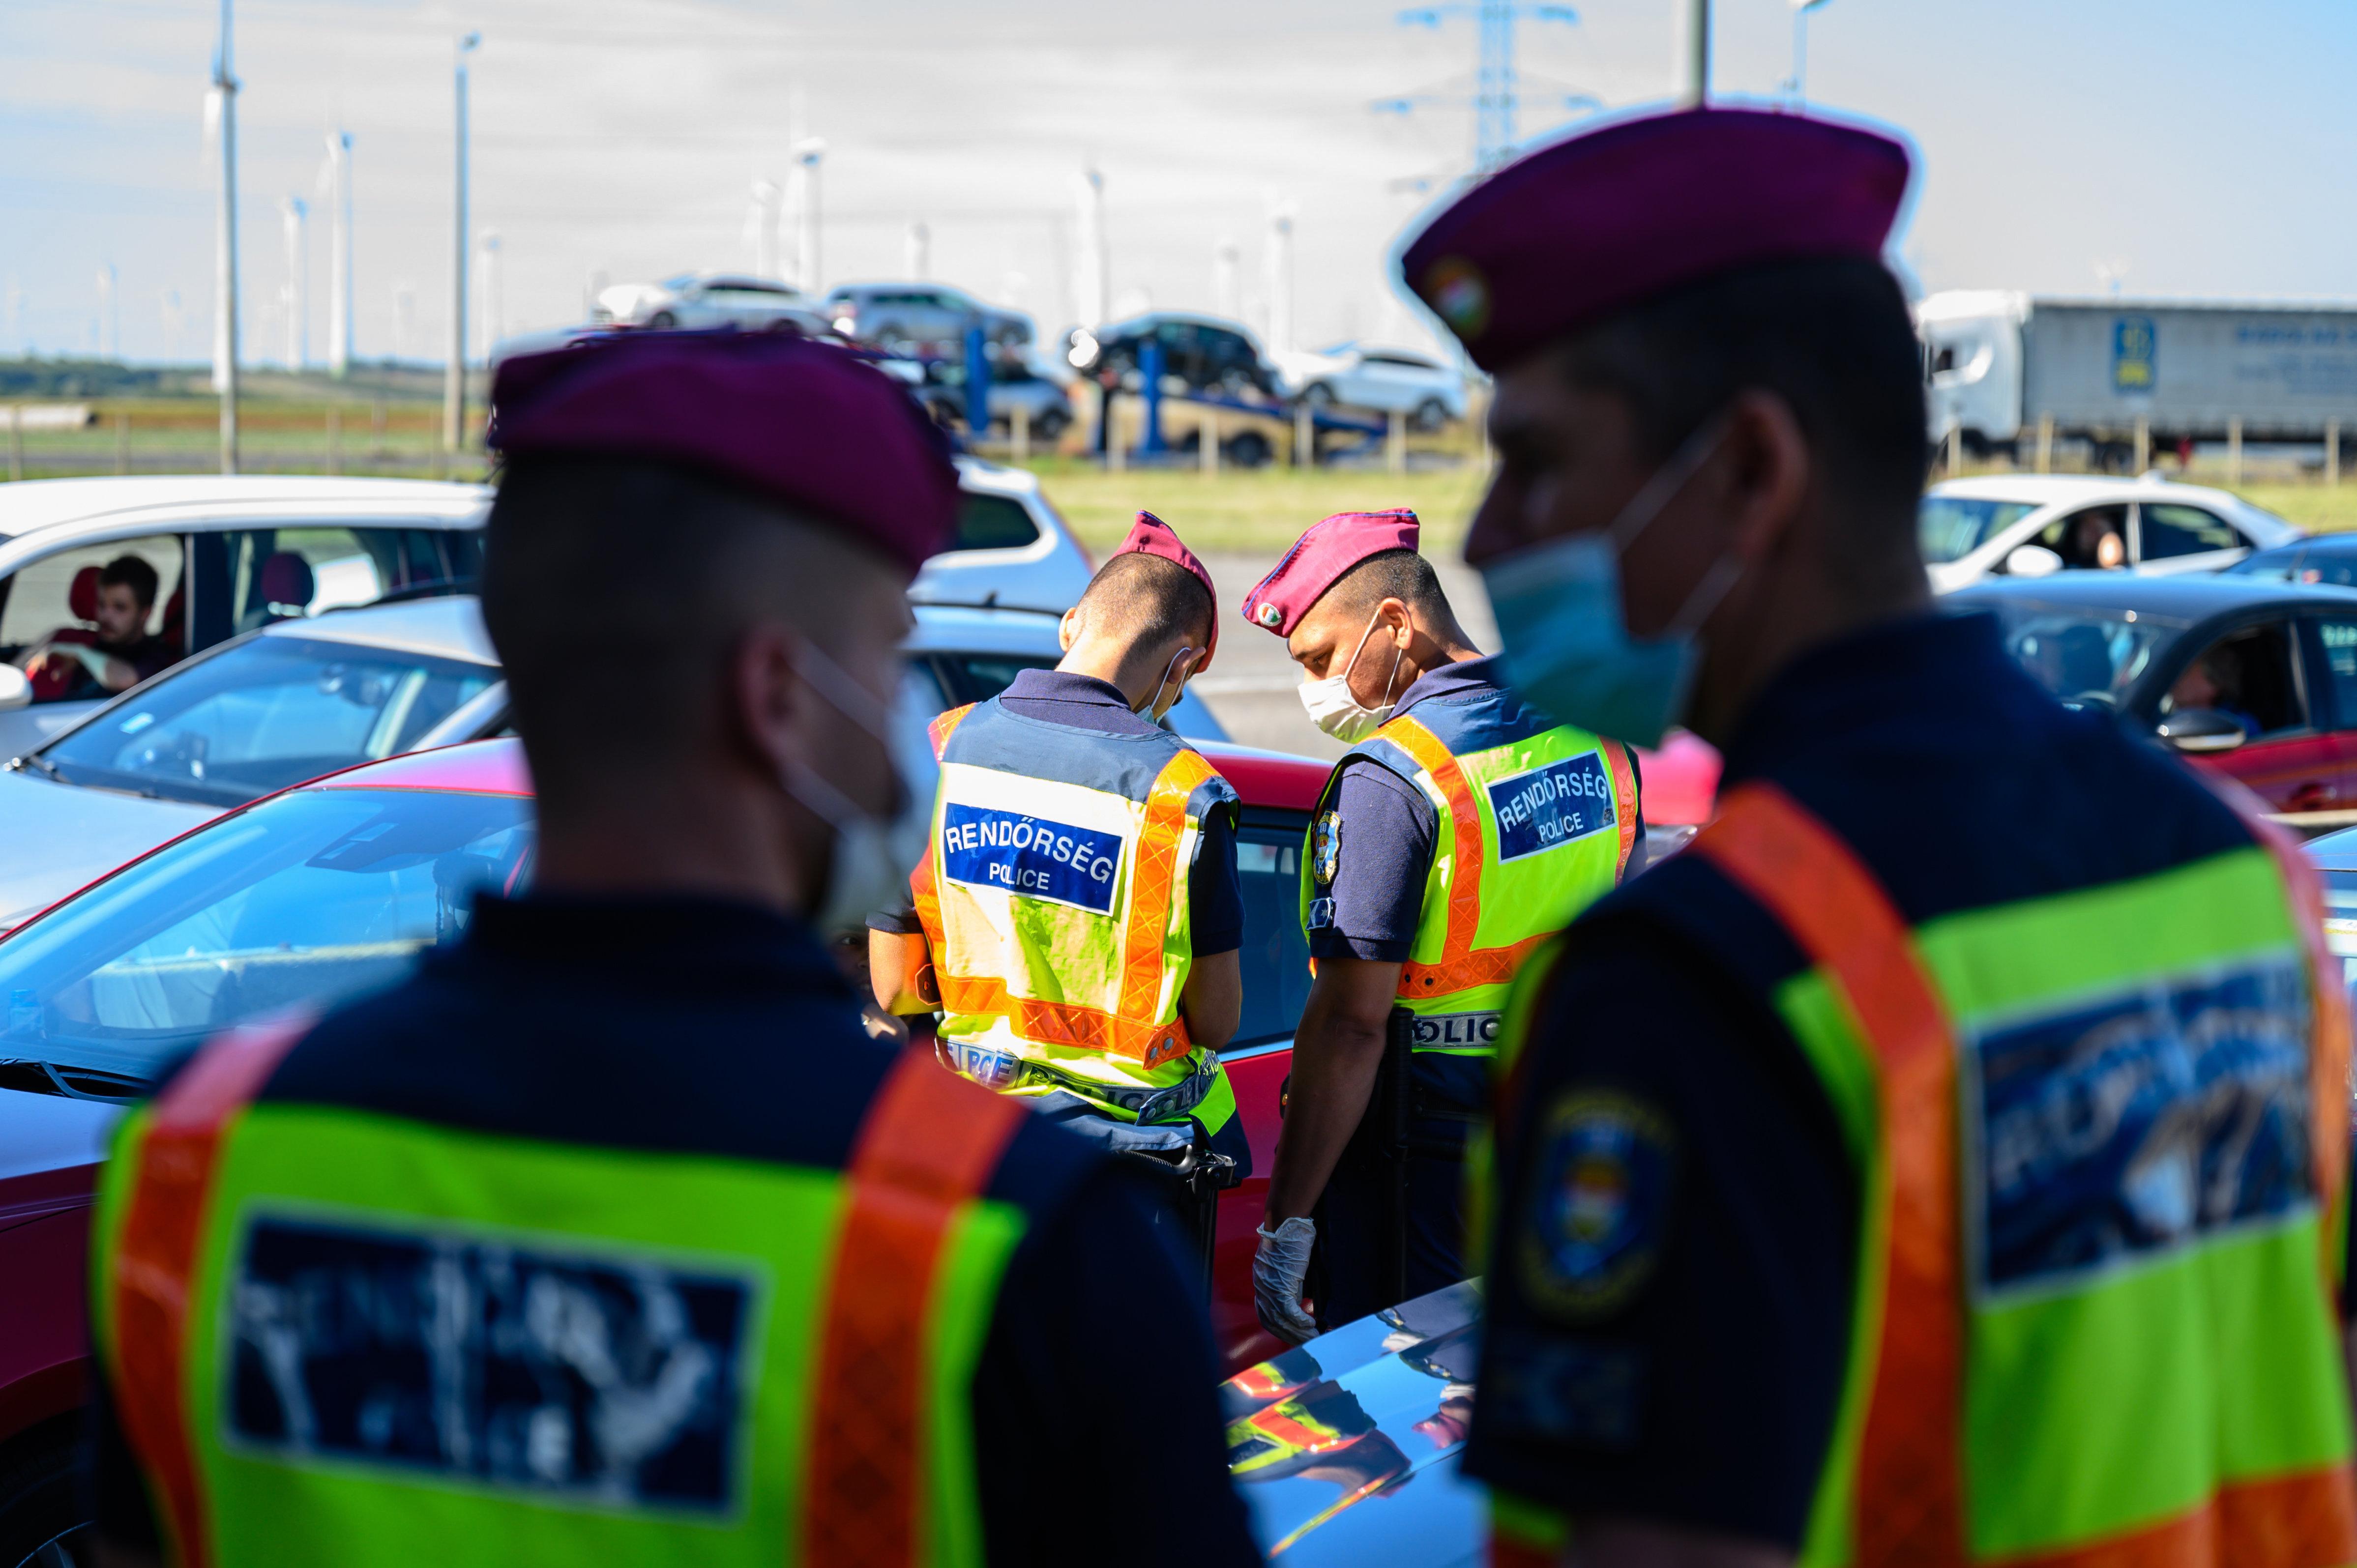 A rendőröknél 147, a katasztrófavédelemnél 21, a börtönökben pedig 99 koronavírusos van